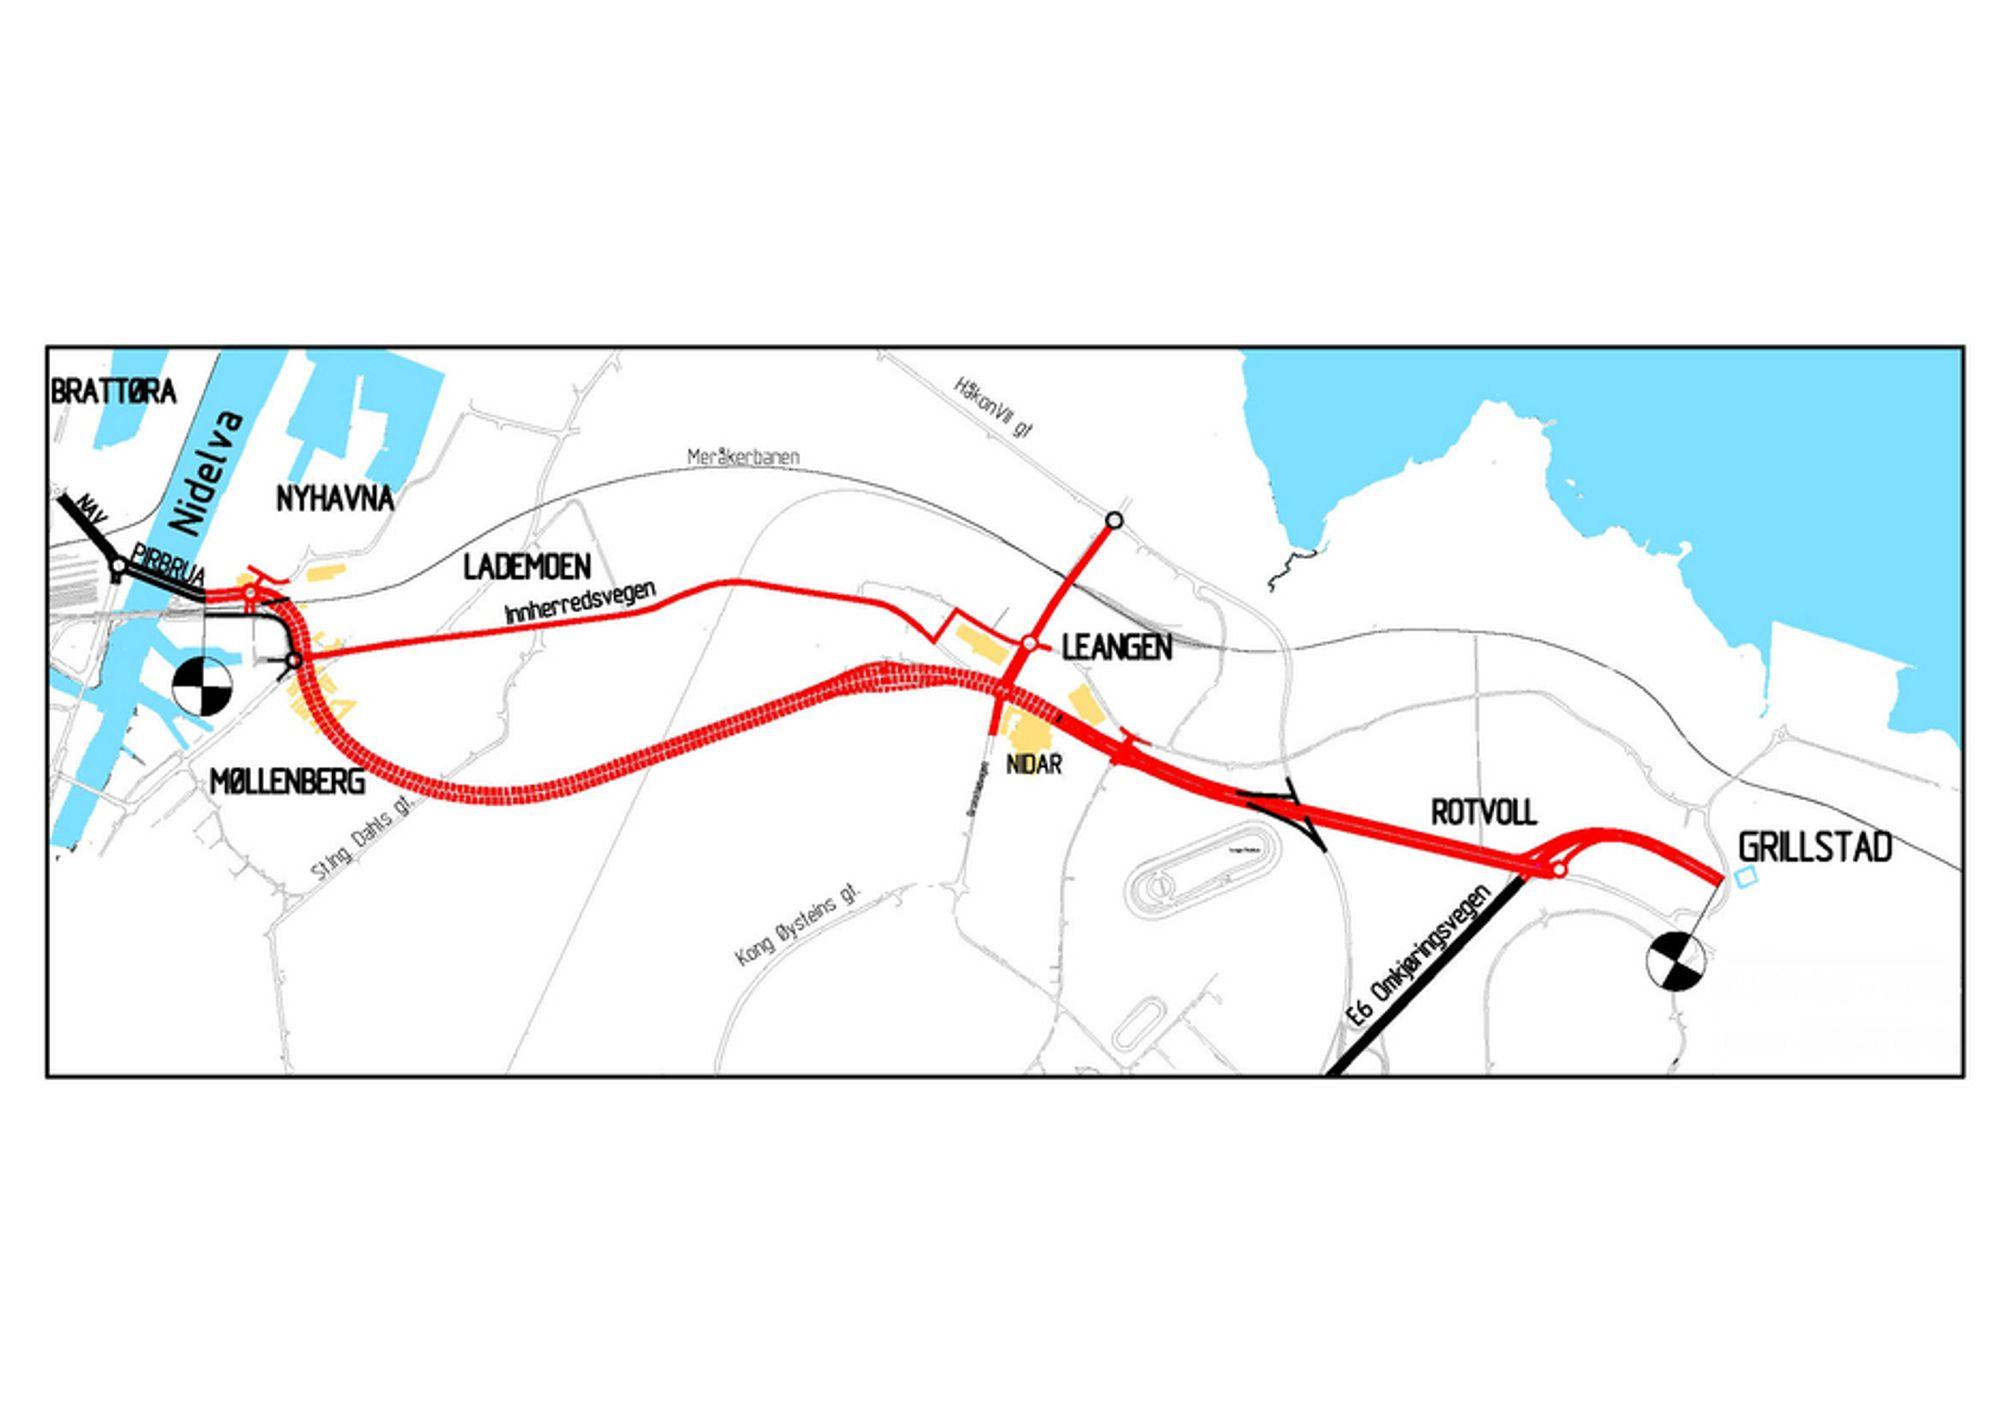 Den tykke røde linjen markerer hovedvegstrekningene som inngår i elektroentreprisen. KB Electrotech skal også utføres arbeid på ca. en kilometer av E 6 Omkjøringsvegen, som er markert med svart nede til høyre. Ill.: Statens vegvesen